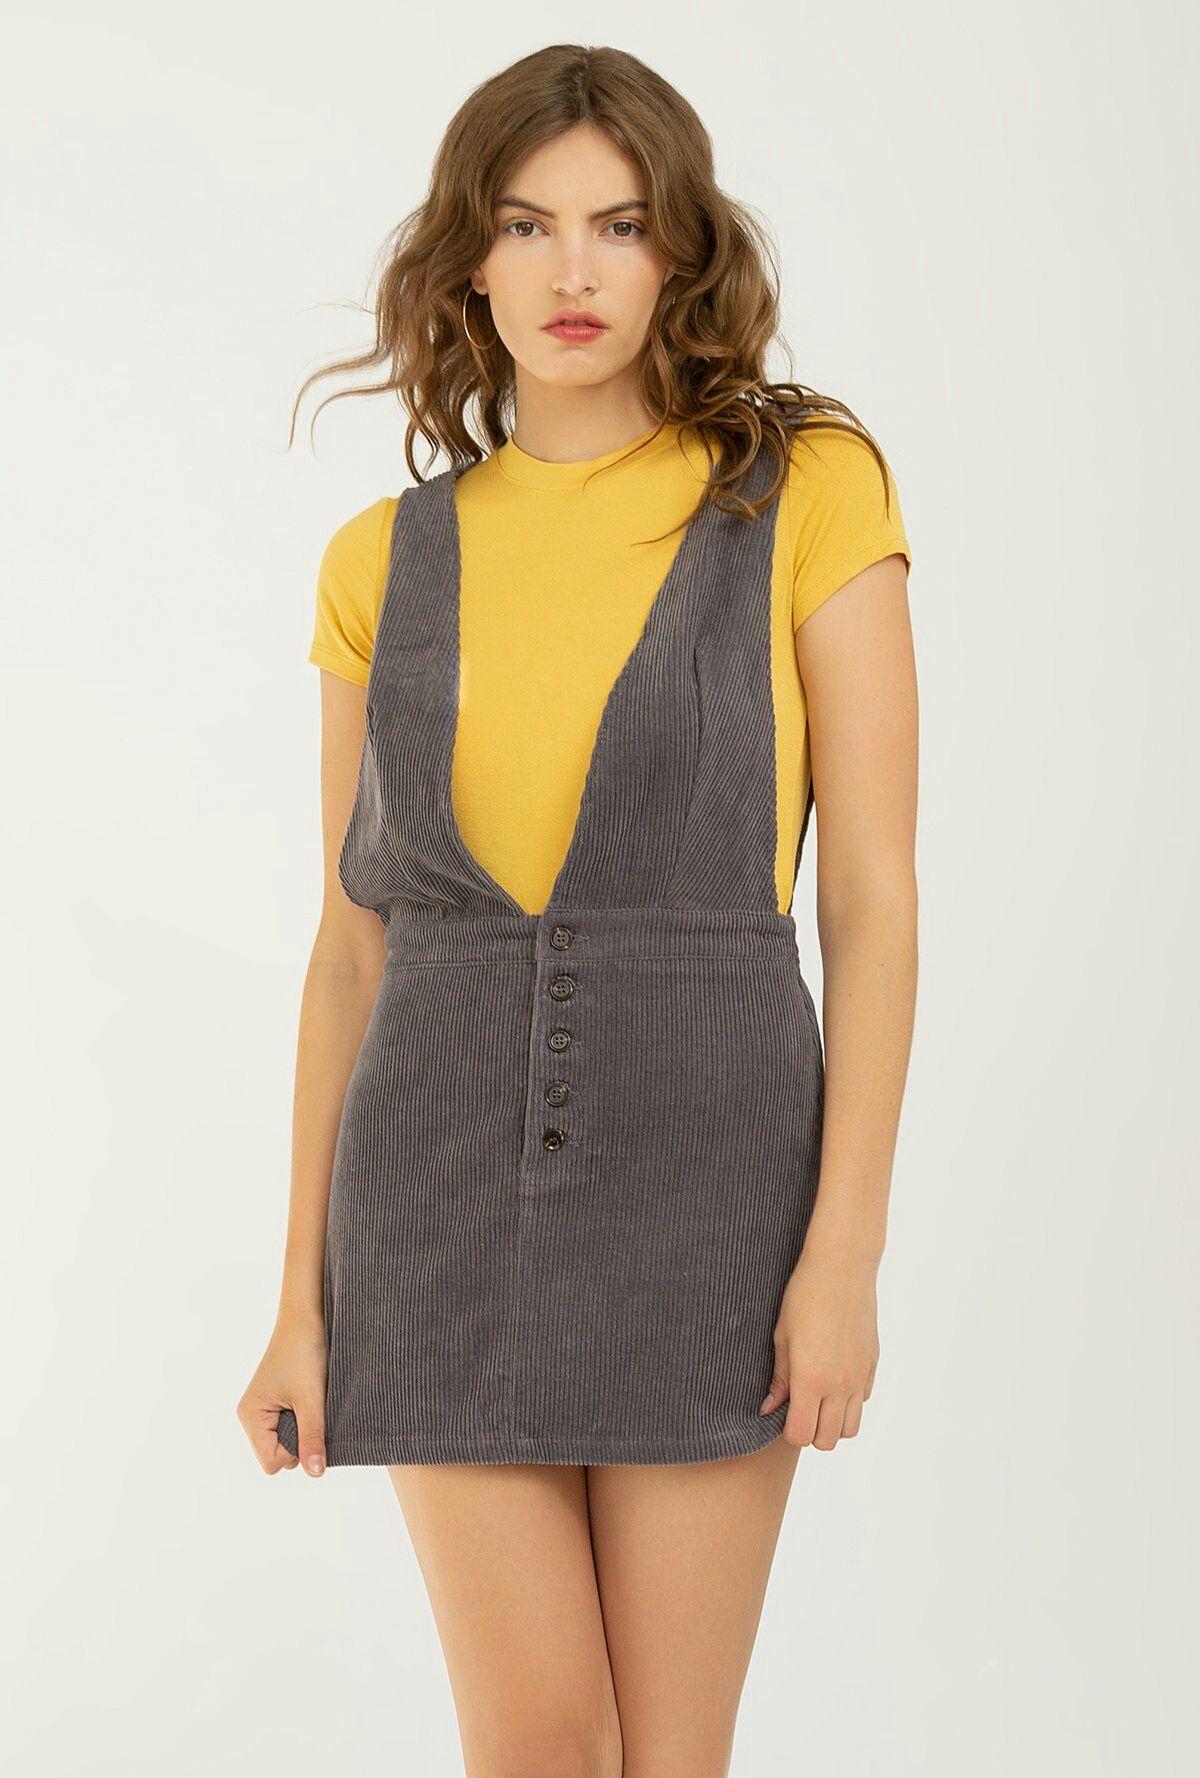 3a7d7d46a Corduroy Overall Dress, Plunge Dress, Jumper Dress, Plunging Neckline,  Overalls, Plunging